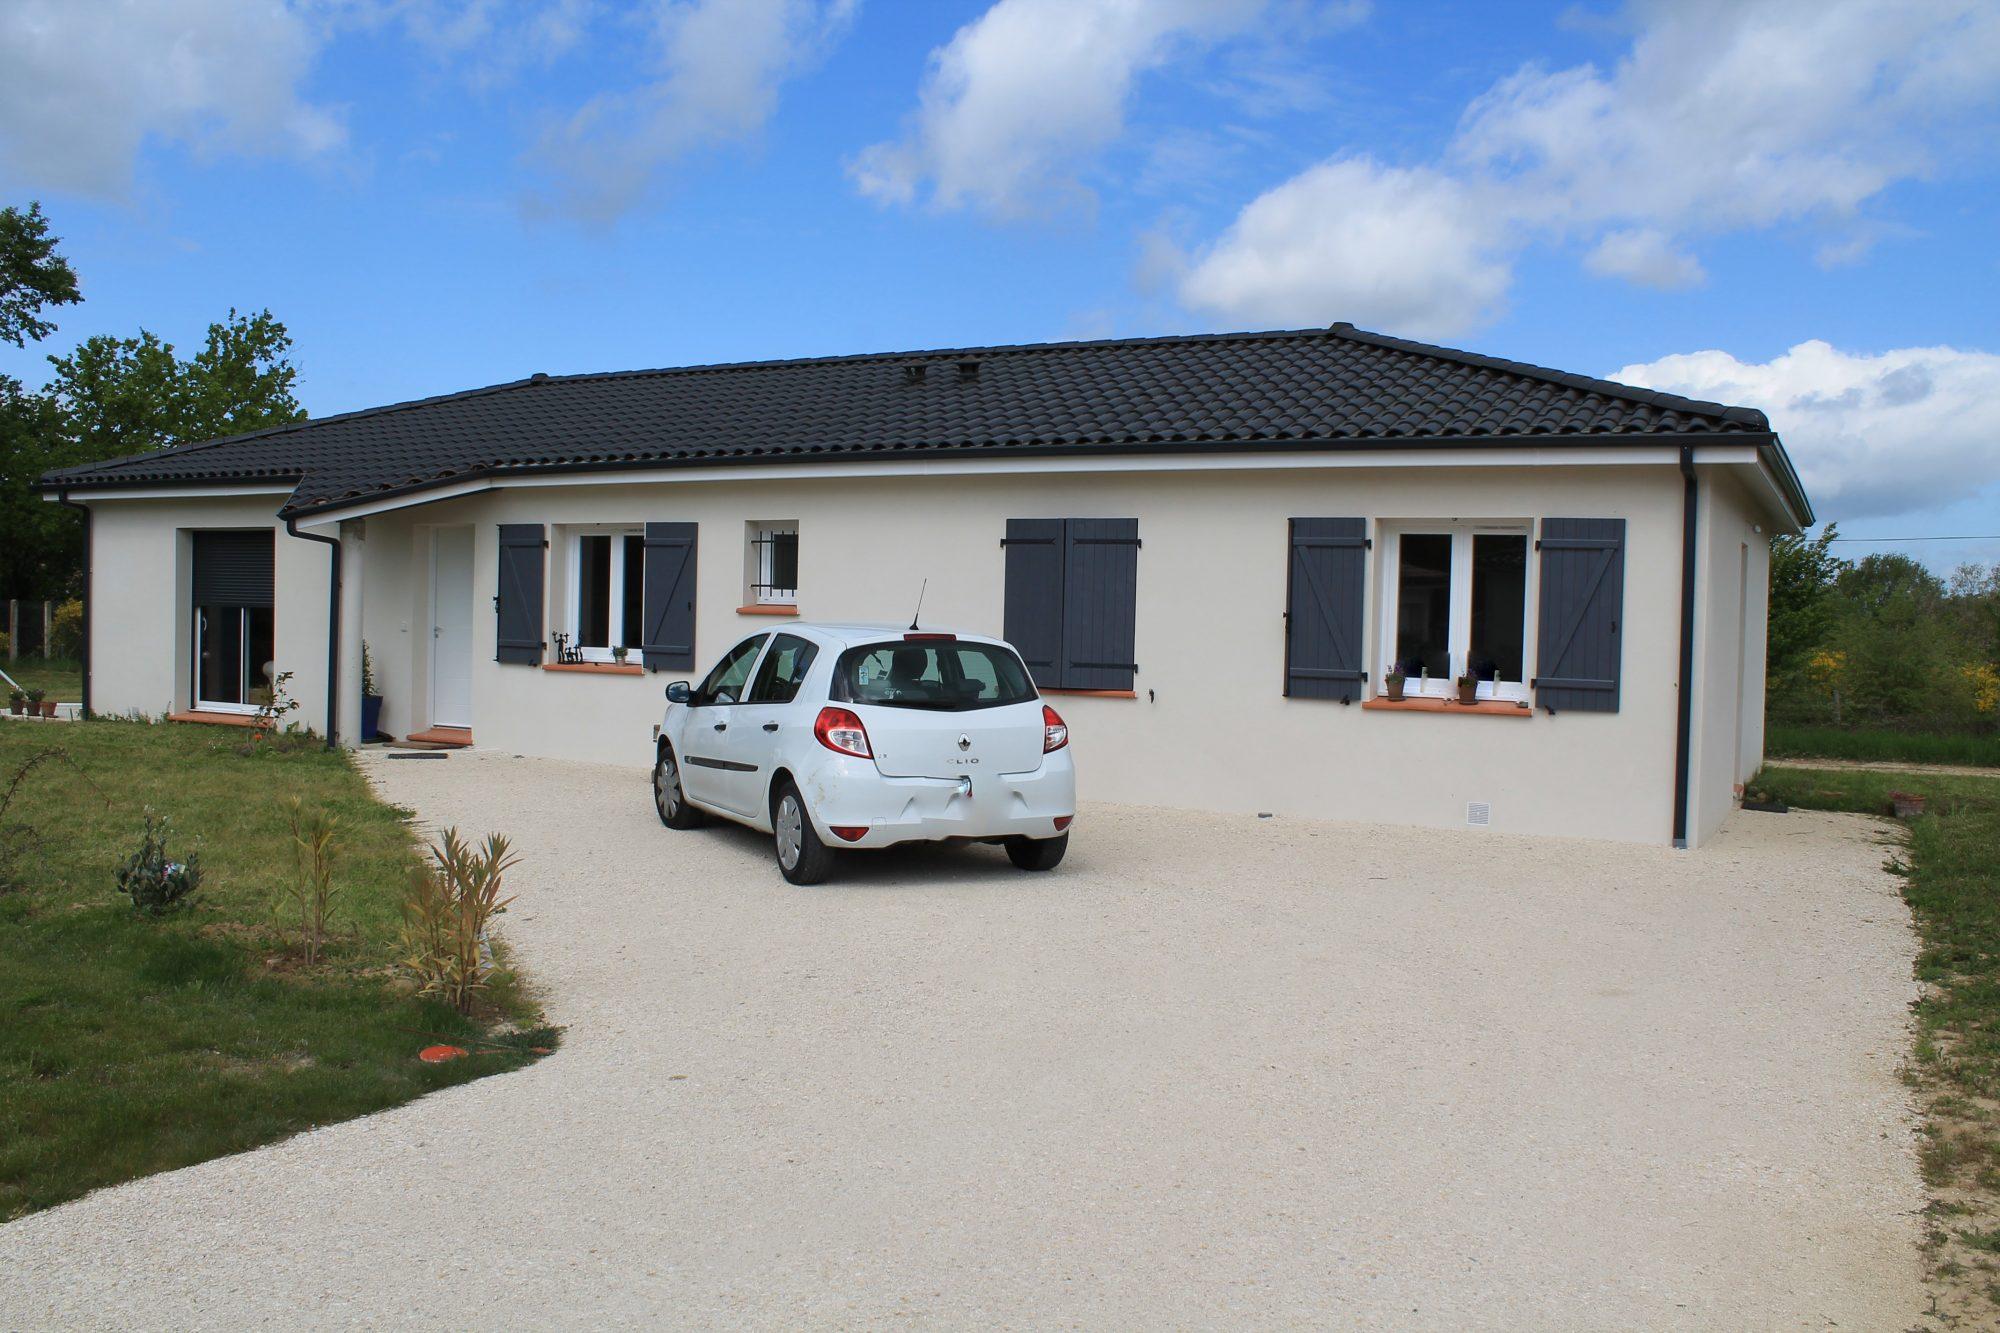 Primo habitat constructeur agr maisons de qualit for Constructeur de maison 70